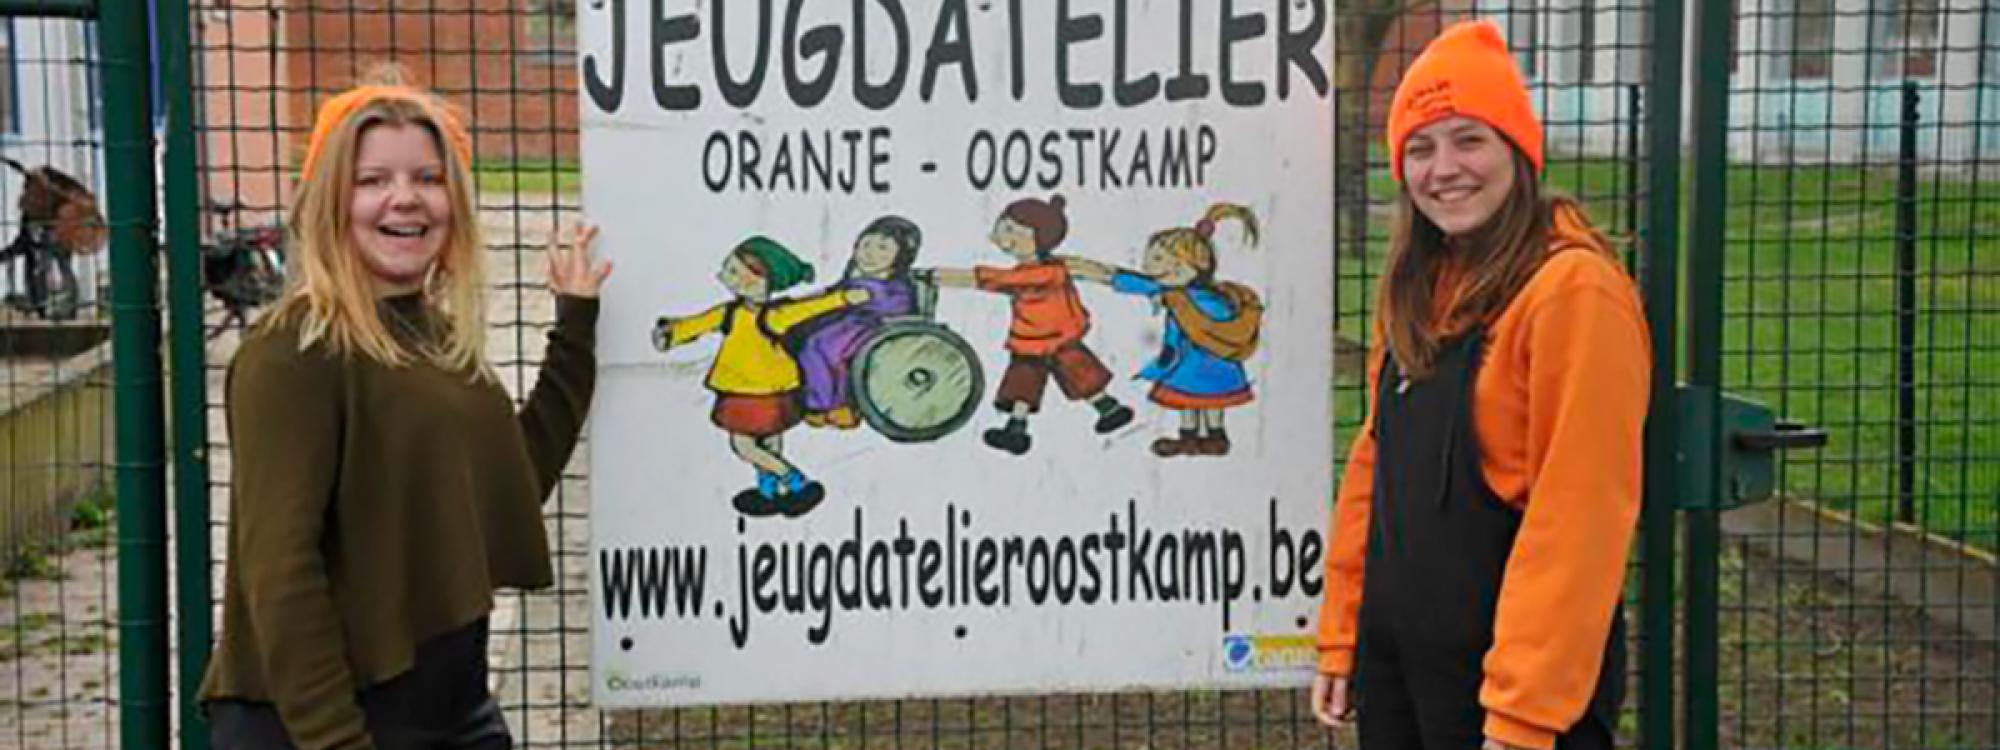 Jeugdatelier Oostkamp: een jeugdbeweging voor kinderen met en zonder beperking